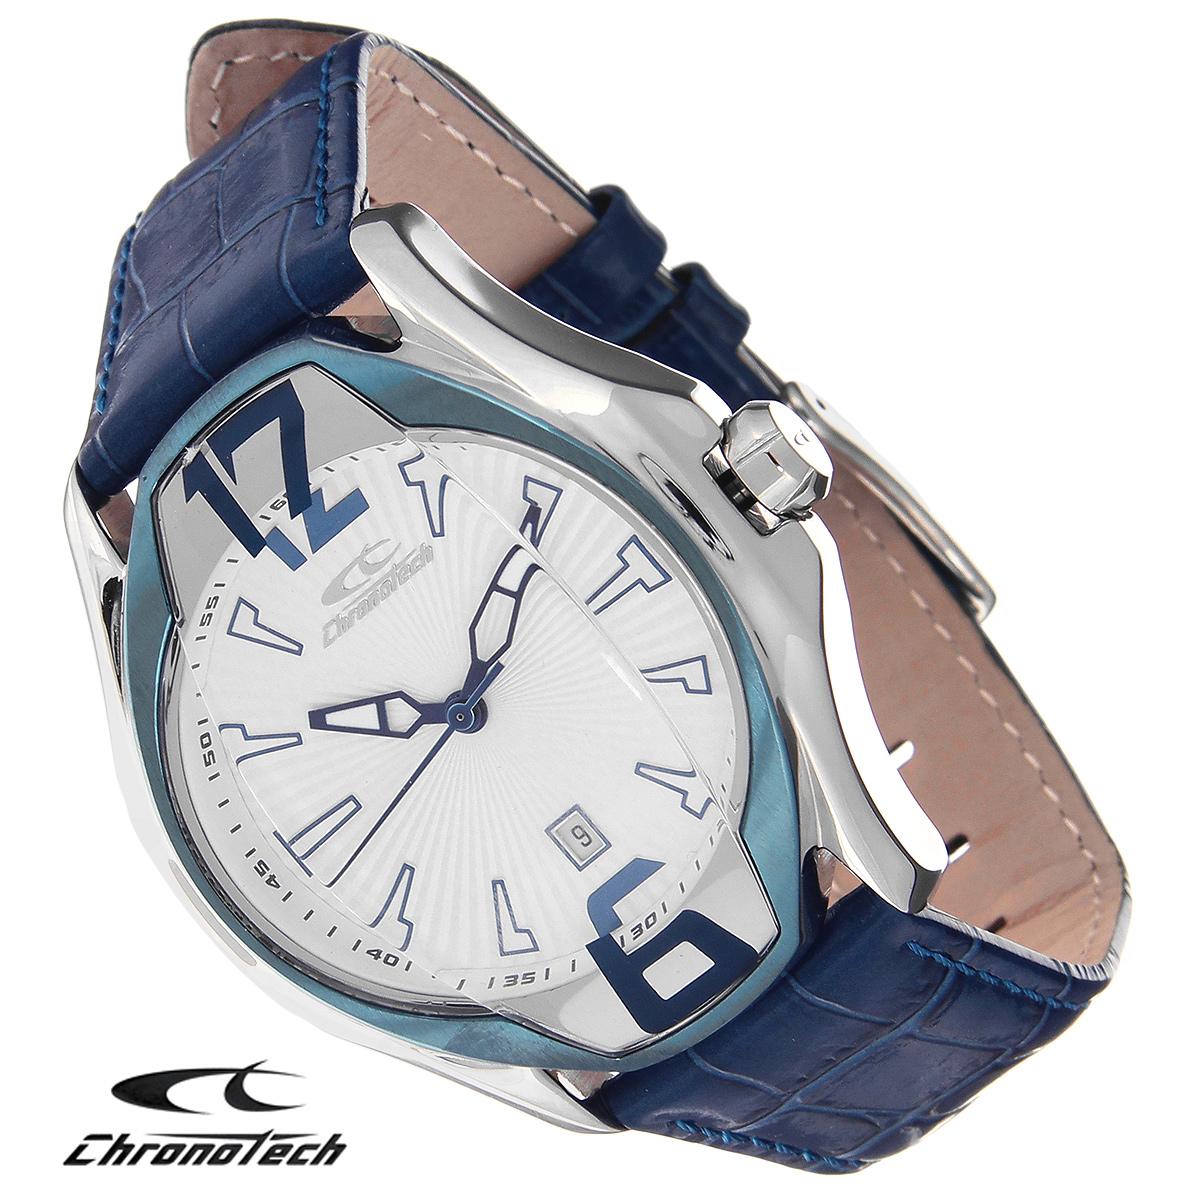 Часы мужские наручные Chronotech, цвет: синий. RW0032BM8434-58AEЧасы Chronotech - это часы для современных и стильных людей, которые стремятся выделиться из толпы и подчеркнуть свою индивидуальность. Корпус часов выполнен из нержавеющей стали. Циферблат оформлен арабскими цифрами и отметками и защищен минеральным стеклом. Часы имеют три стрелки - часовую, минутную и секундную. Часы имеют индикатор даты. Стрелки светятся в темноте. Ремешок часов выполнен из натуральной кожи с тиснением и застегивается на классическую застежку. Часы упакованы в фирменную коробку с логотипом компании Chronotech. Такой аксессуар добавит вашему образу стиля и подчеркнет безупречный вкус своего владельца.Характеристики: Диаметр циферблата: 3,5 см.Размер корпуса: 4,4 см х 5 см х 1,3 см.Длина ремешка (с корпусом): 26 см.Ширина ремешка: 2 см.